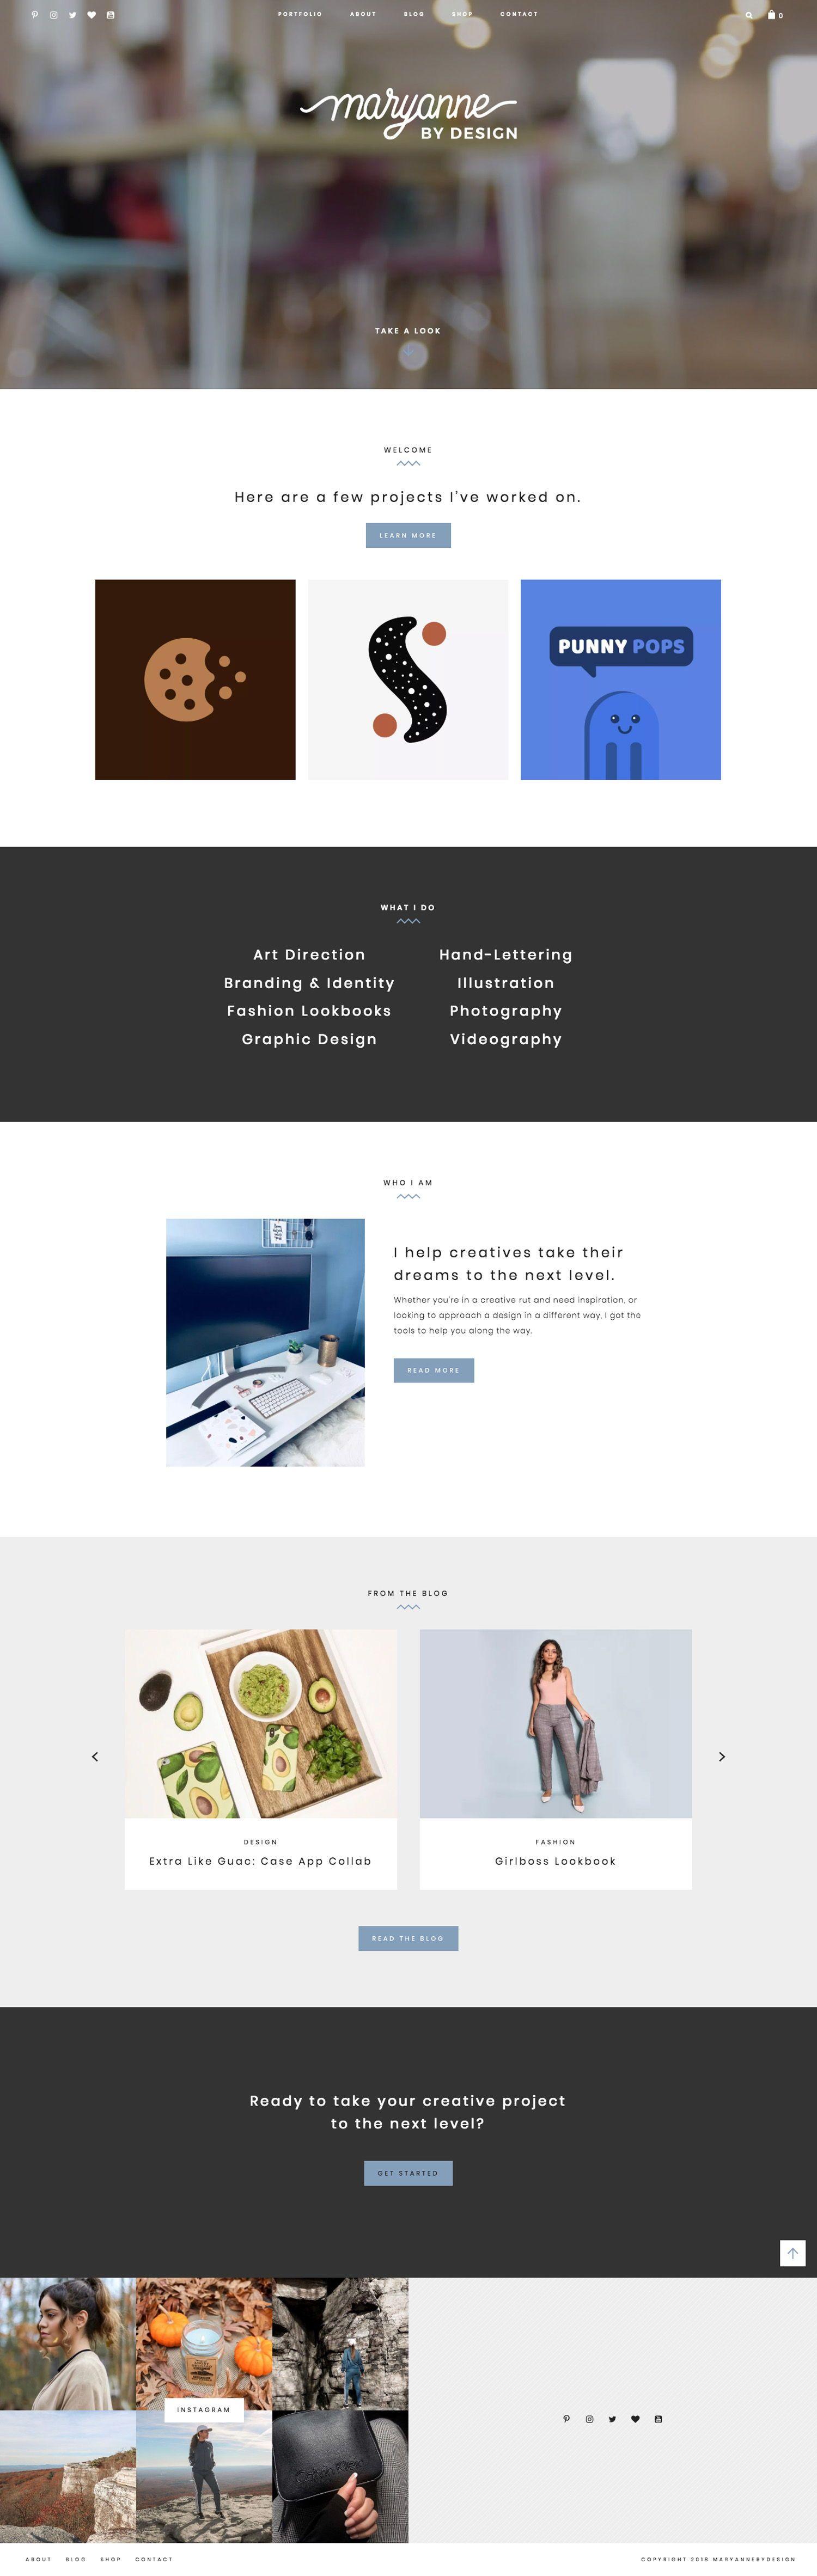 Maryanne By Design Features Work From New York Graphic Designer Mary Ann Her Por Web Design Inspiration Creative Wordpress Web Design Portfolio Web Design